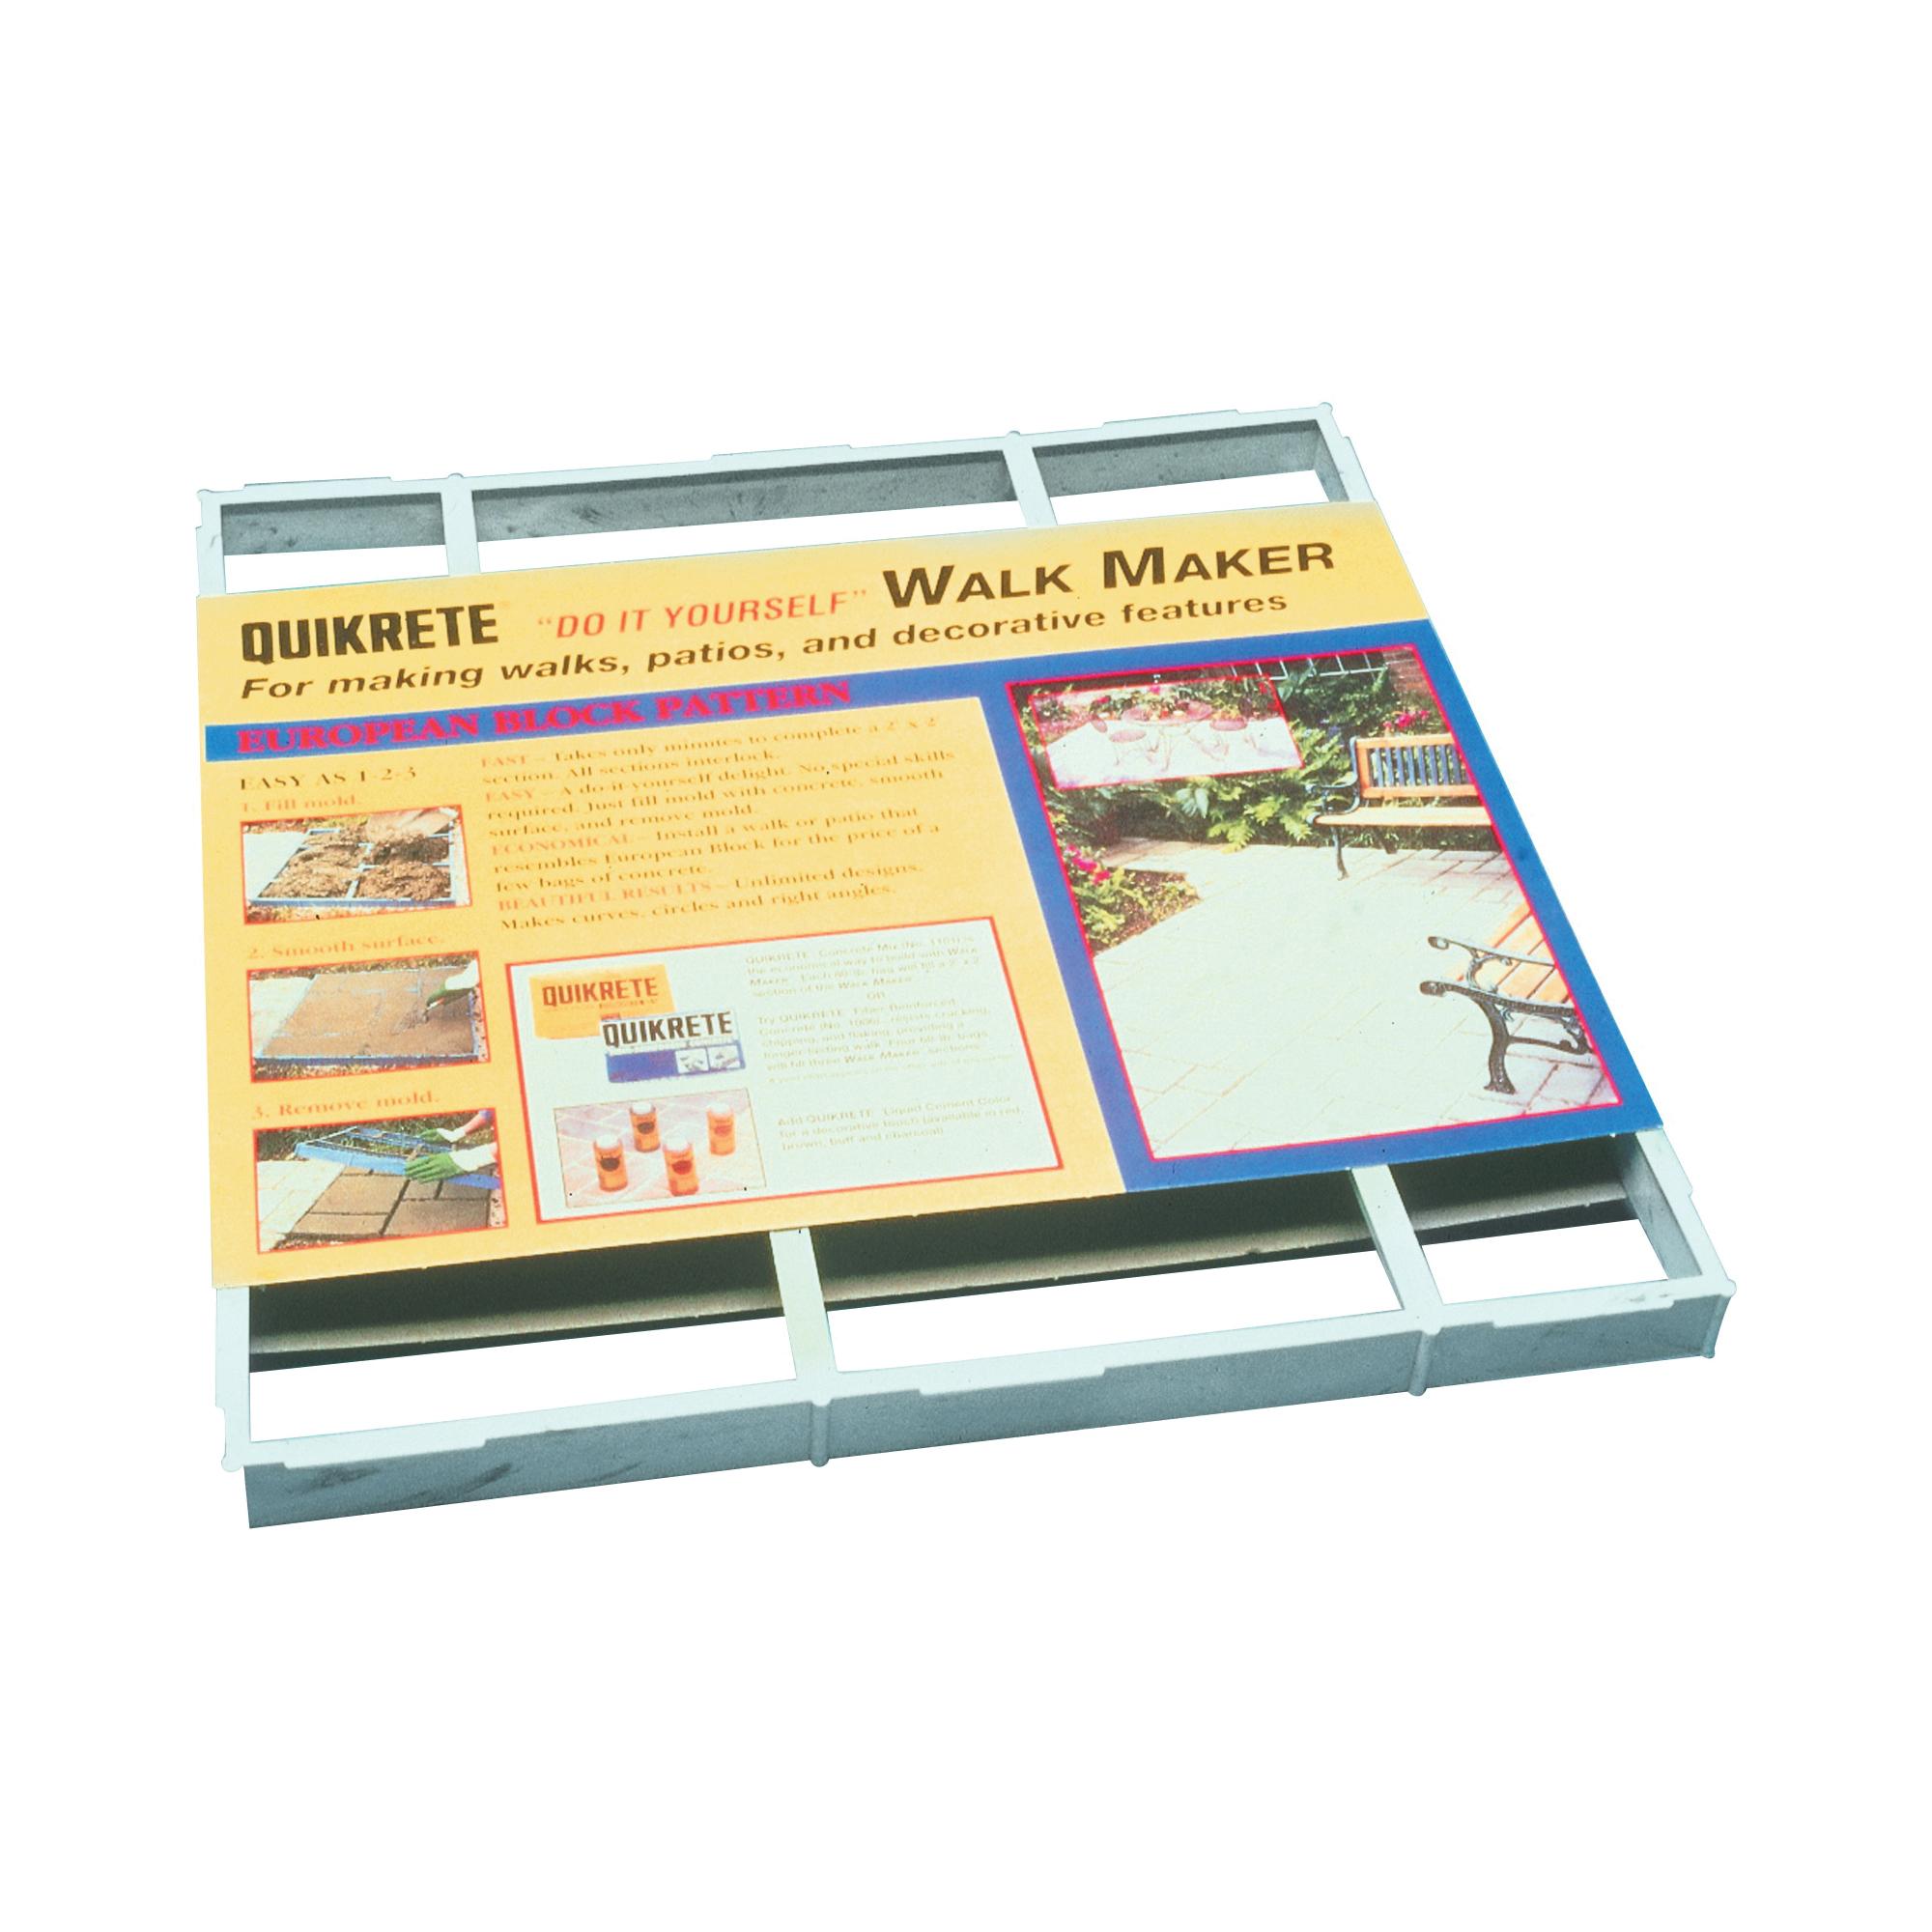 Picture of Quikrete Walk Maker 6921-34 Building Form, 2 ft L Block, 2 ft W Block, Plastic, 80 lb, European Block Pattern